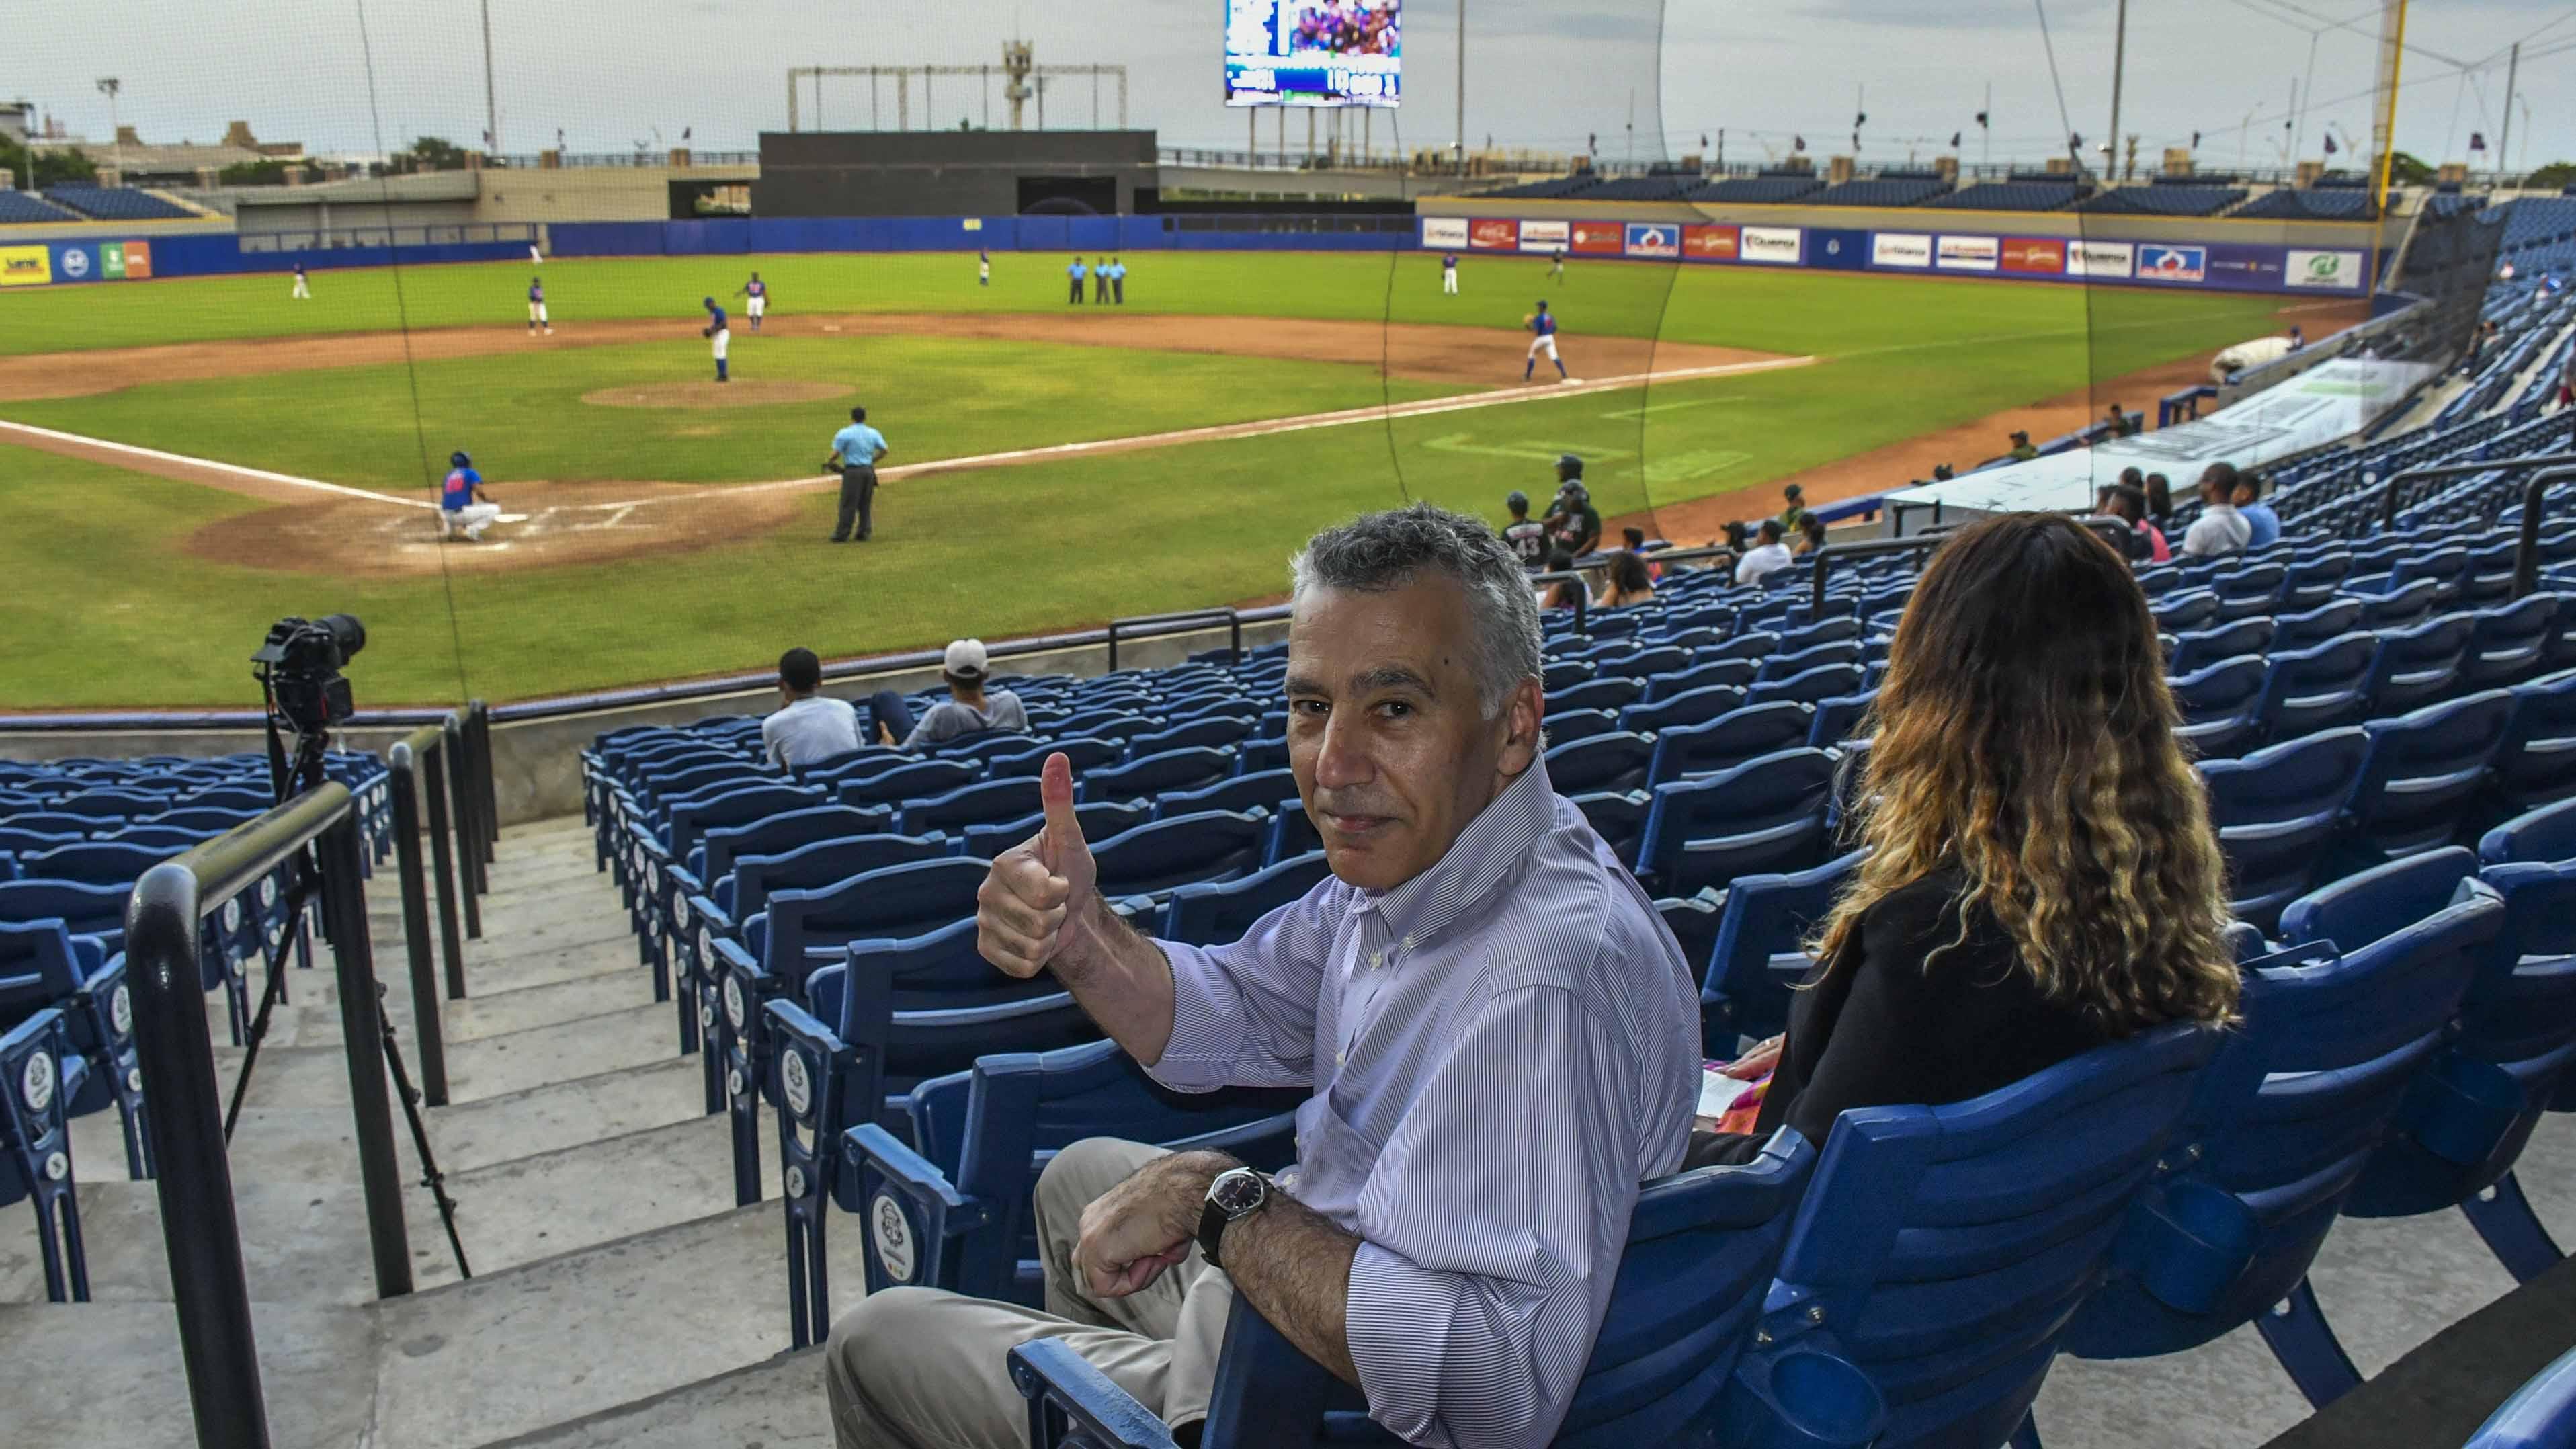 Goldberg disfrutó de un juego de béisbol (Caimanes contra Toros) en el estadio Edgar Rentería.